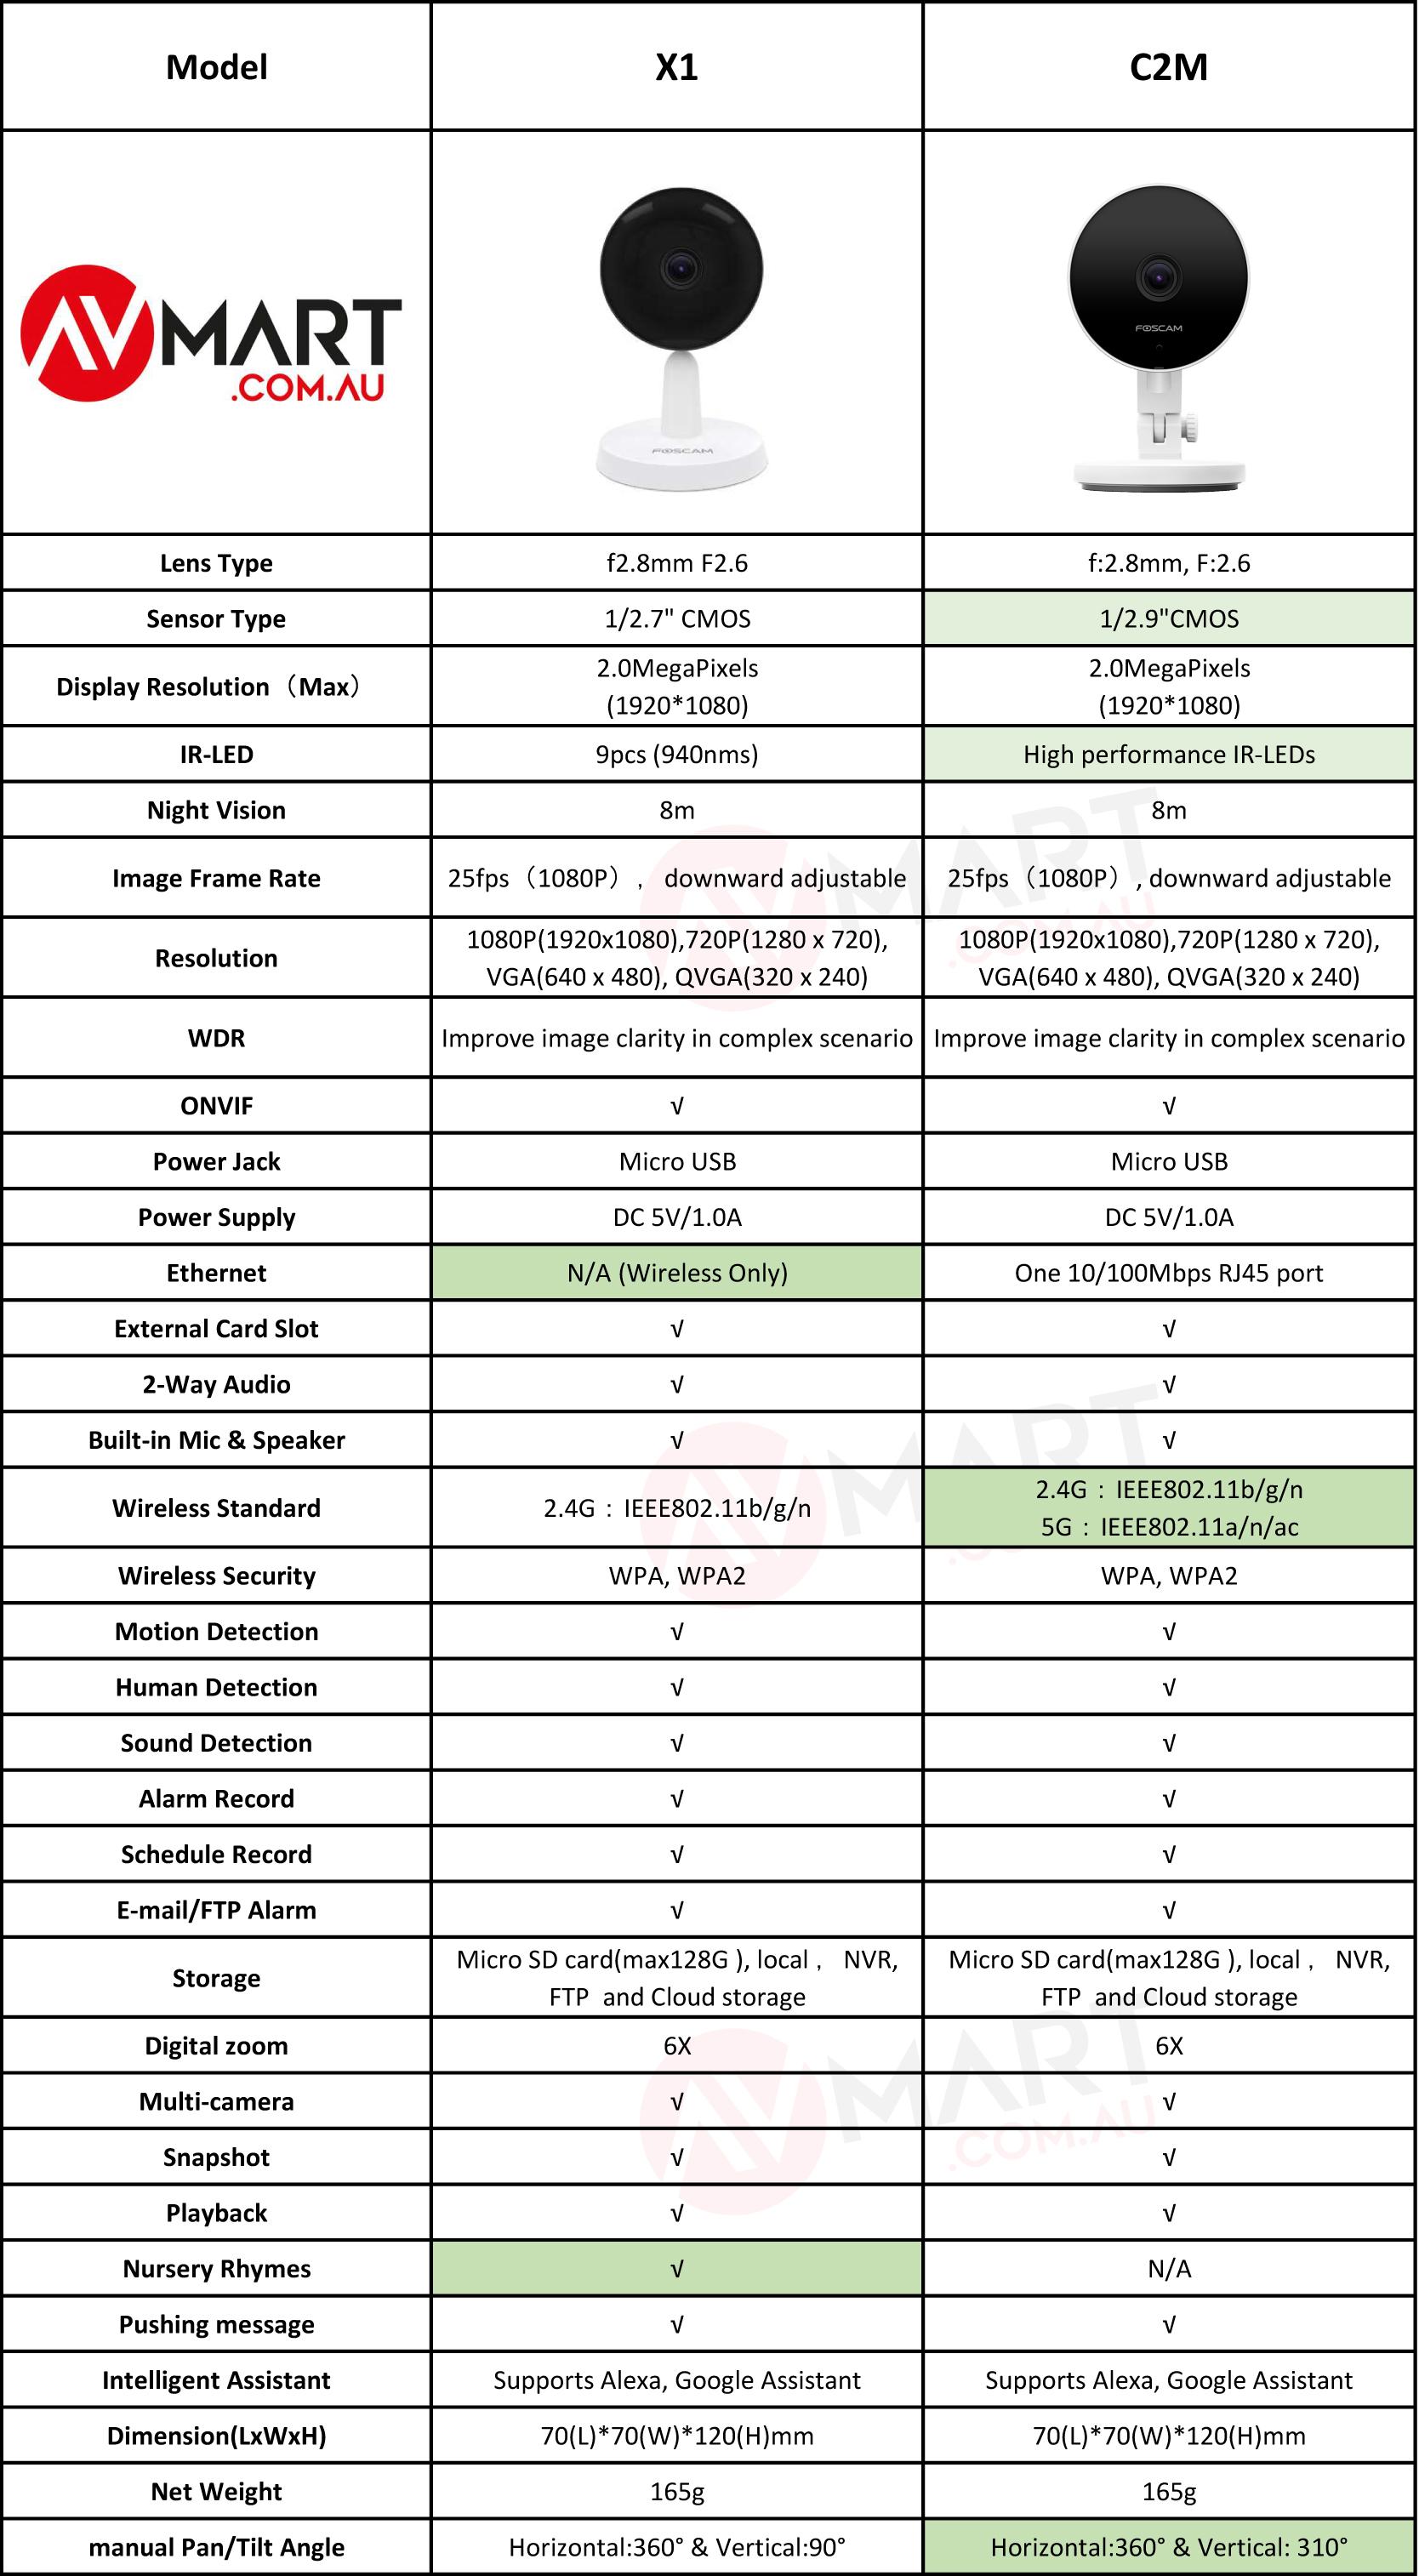 Foscam X1 vs C2M Comparison